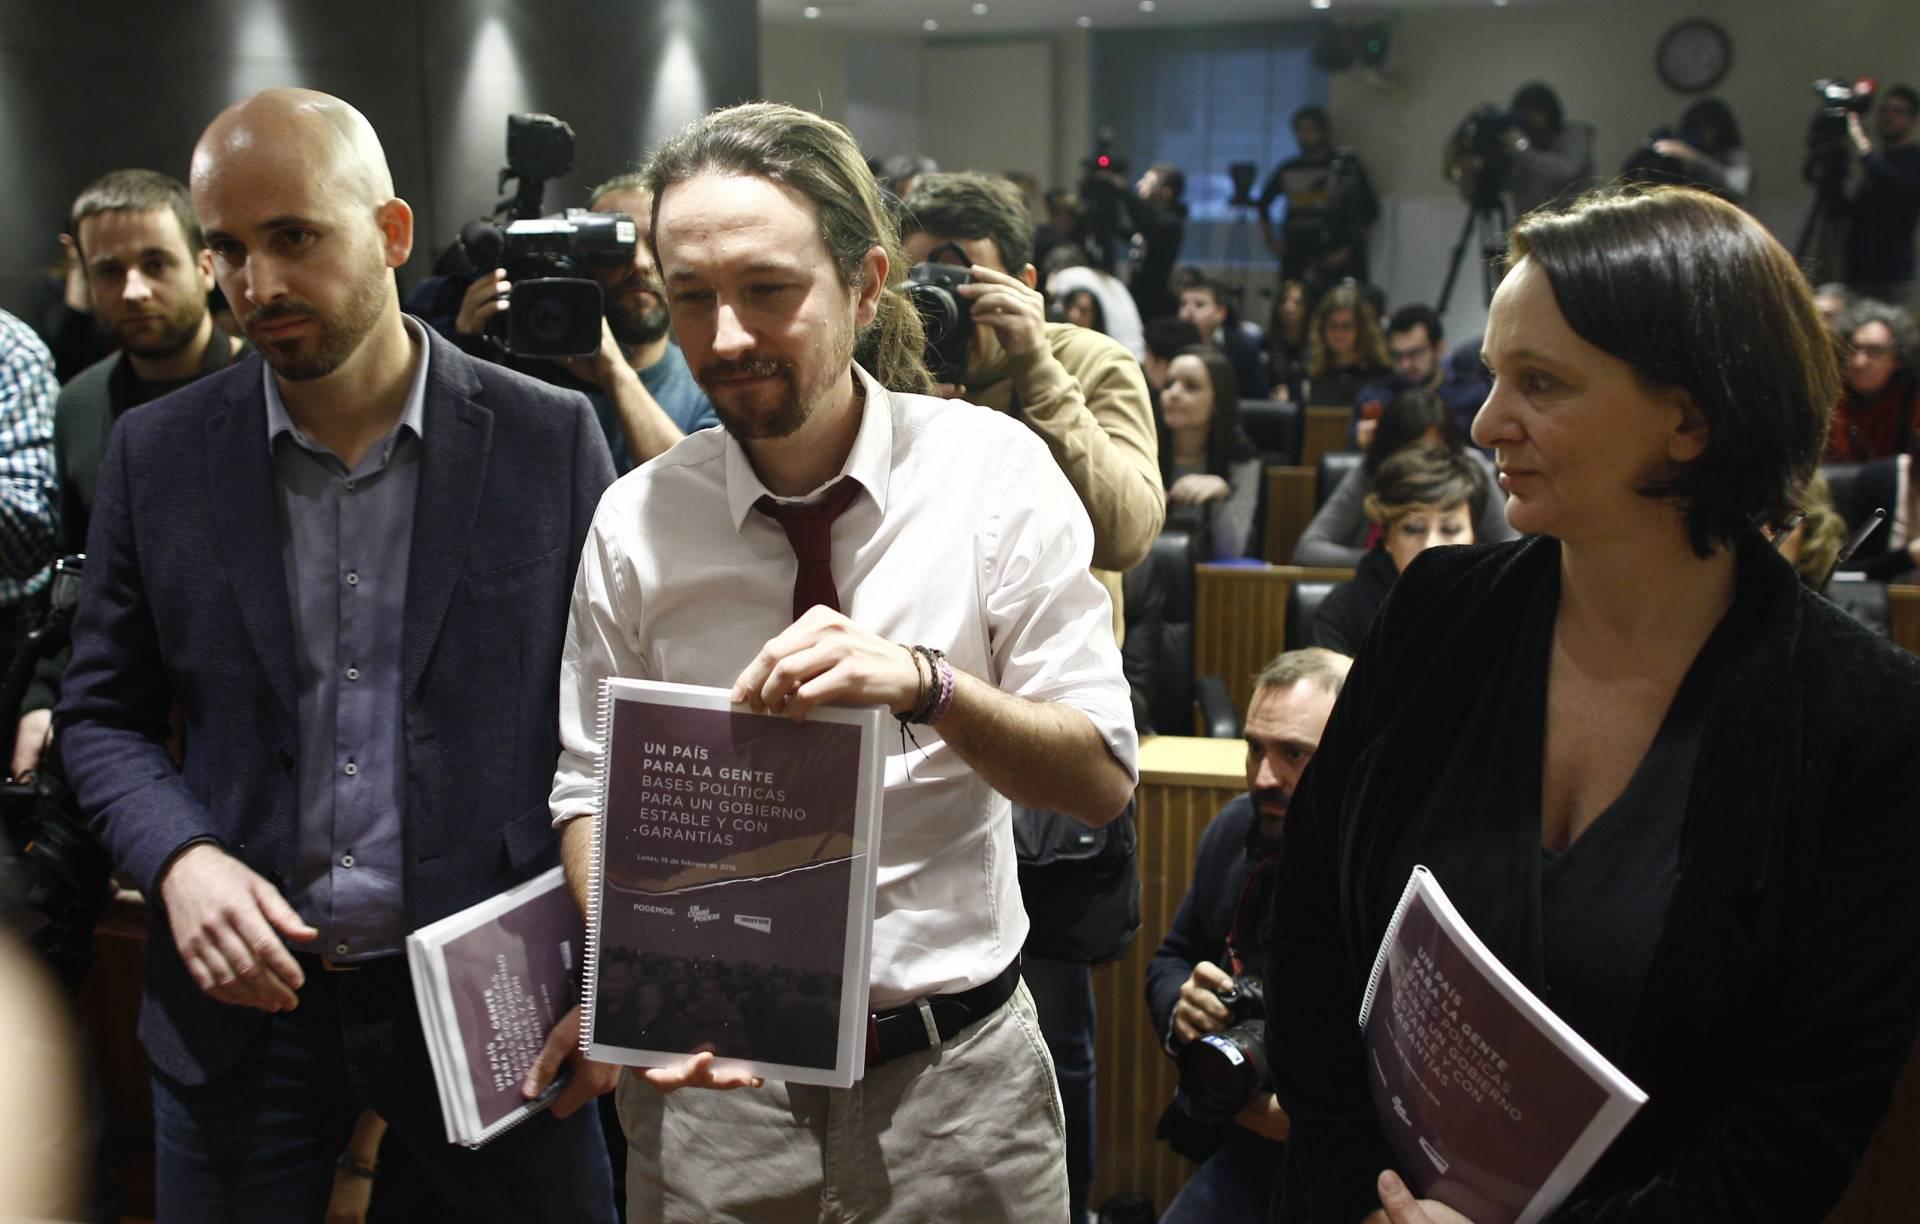 El secretario de Economía de Podemos, Nacho Álvarez, el secretario general de Ahora Podemos, Pablo Iglesias, y la Secretaria General del Grupo Parlamentario Unidos Podemos -ECP-EM, Carolina Bescansa.